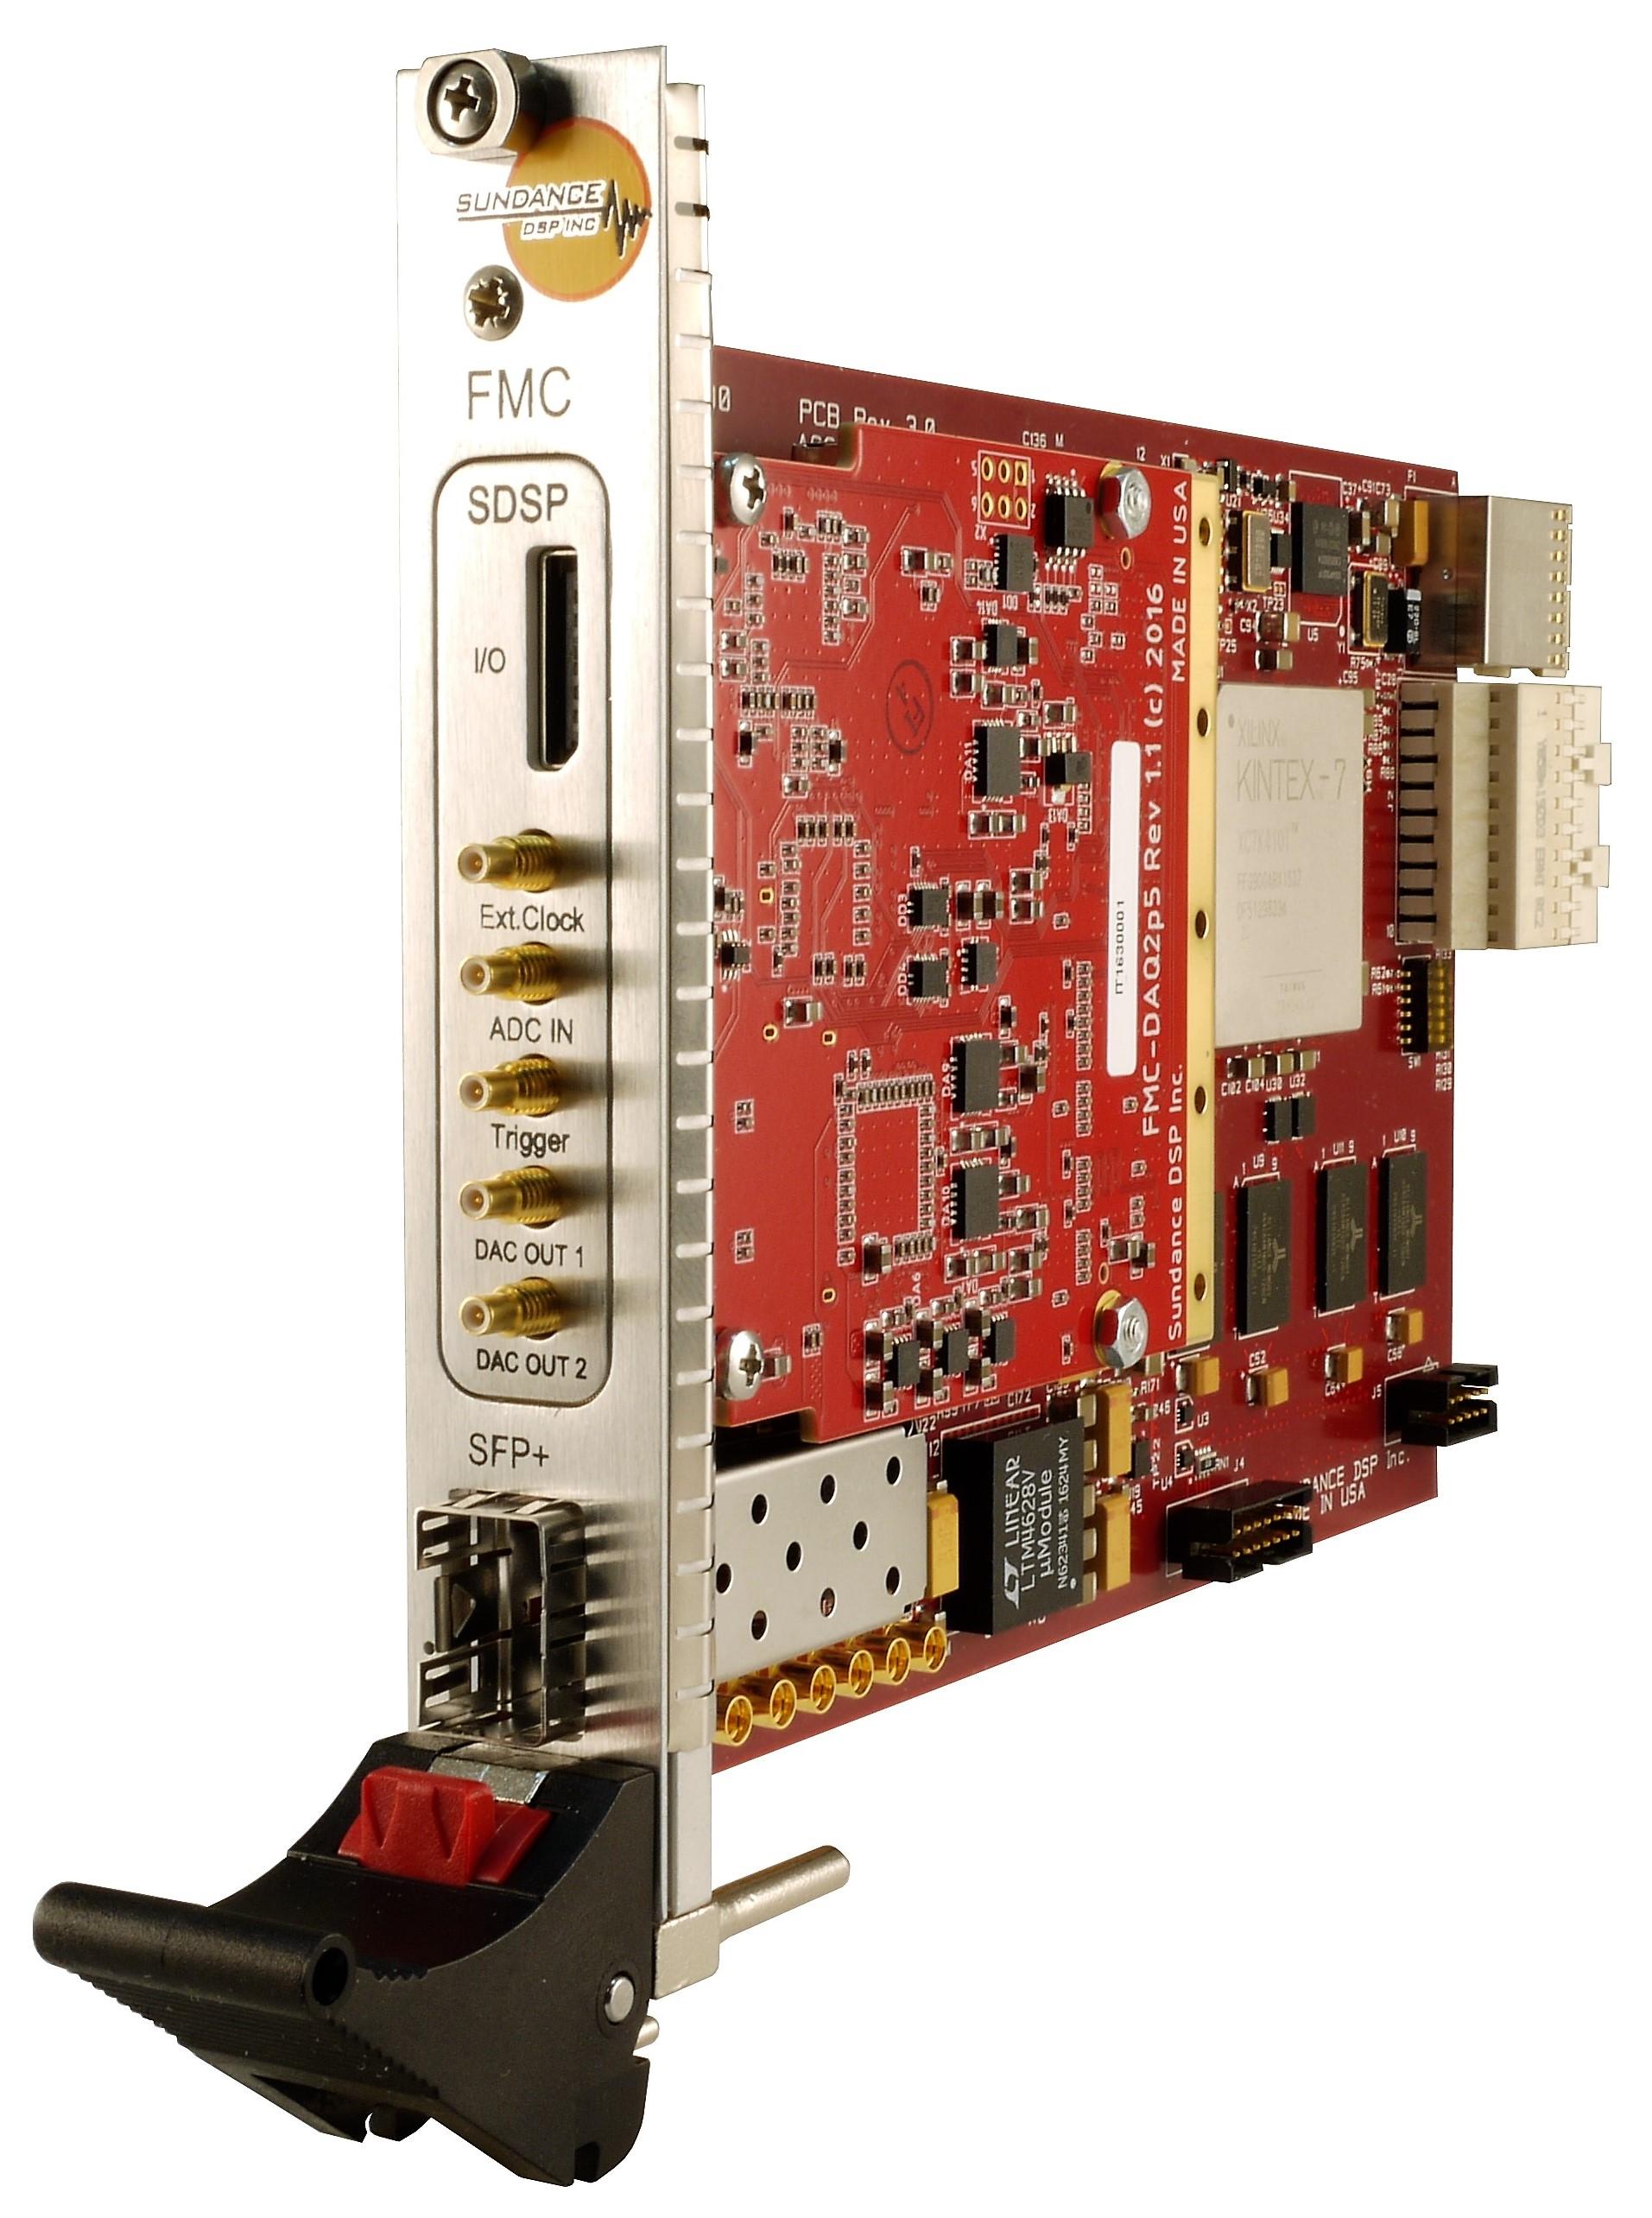 Sundance Technology   pi827 - PXIe card – 1 ch  ADC & 2 ch  DAC